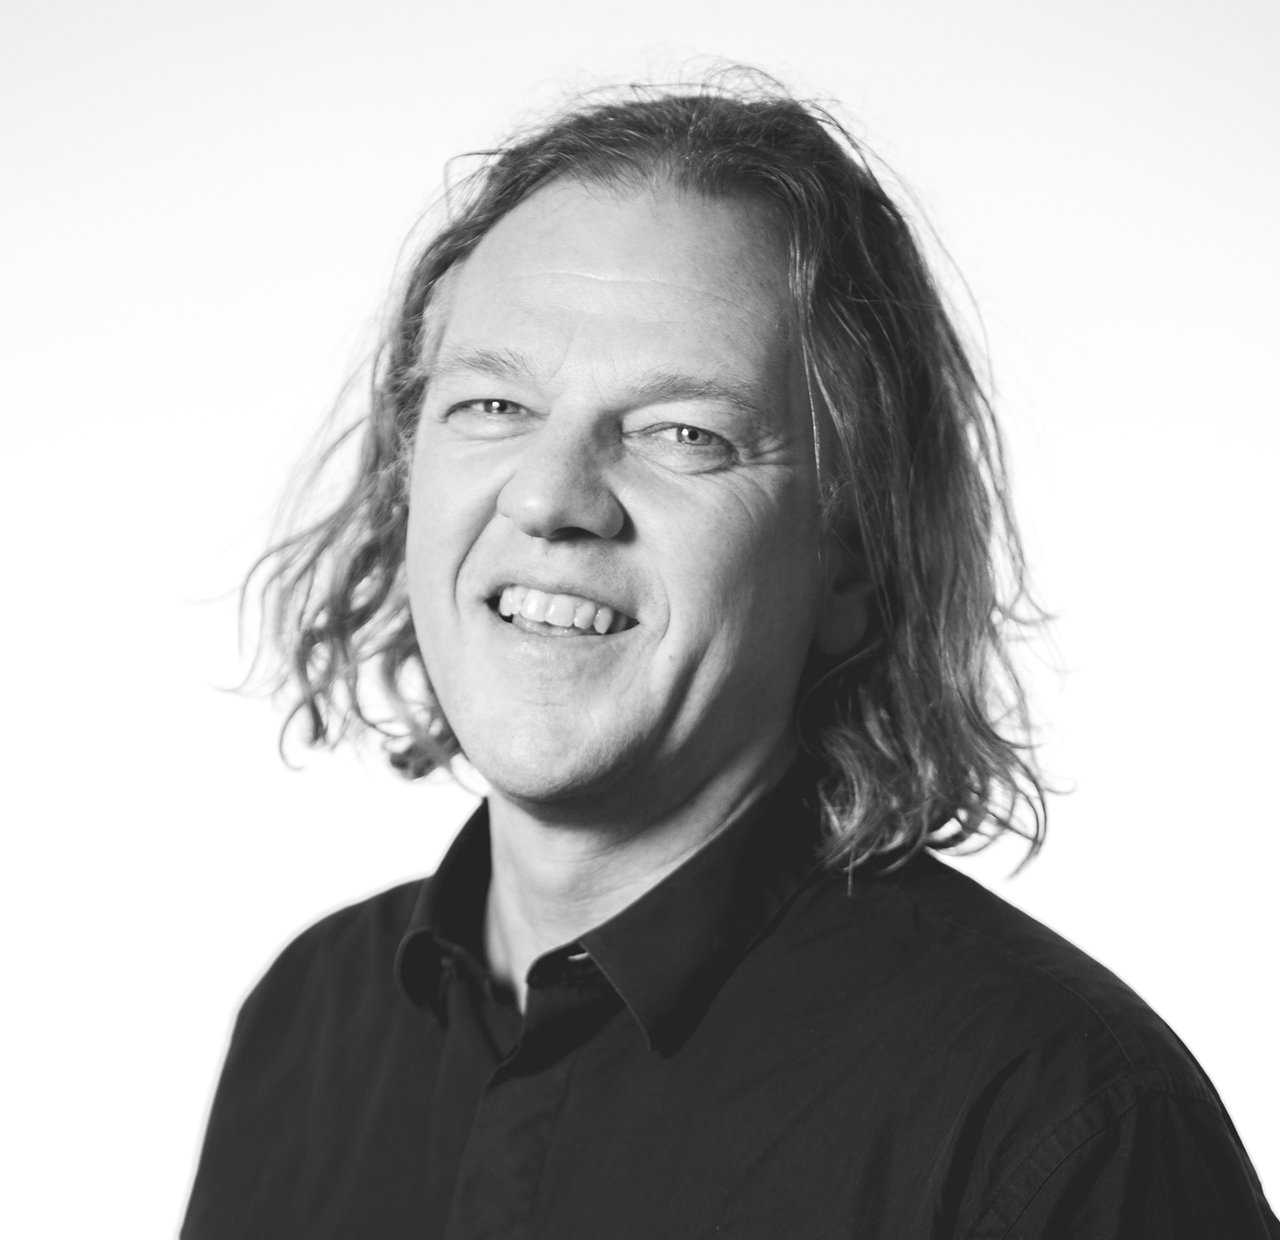 Kjetil Lysne